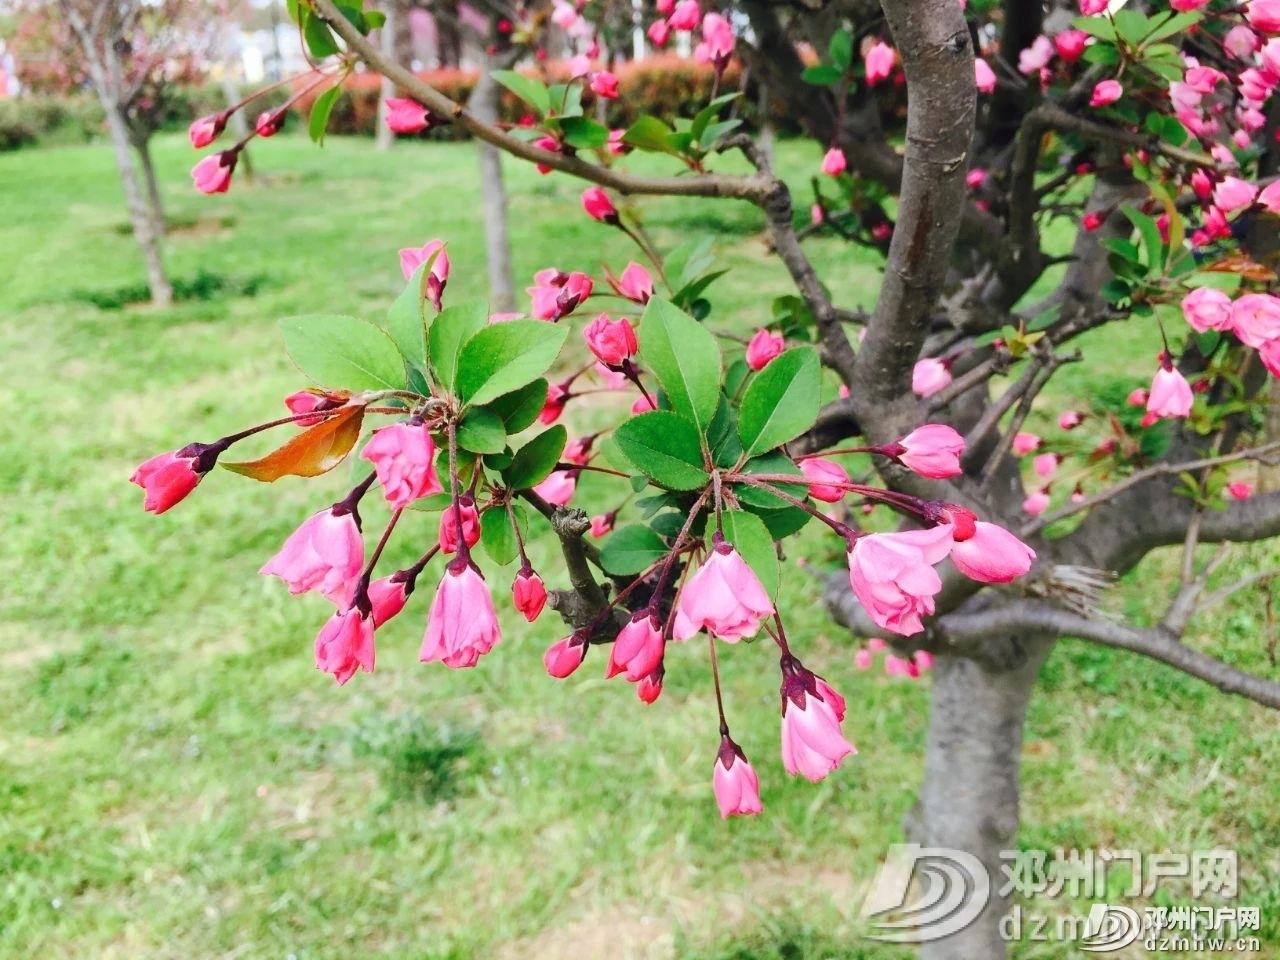 春暖花开,邓州,久等了! - 邓州门户网|邓州网 - 956dcf5ef891e99aaab1e479363b4b4b.jpg